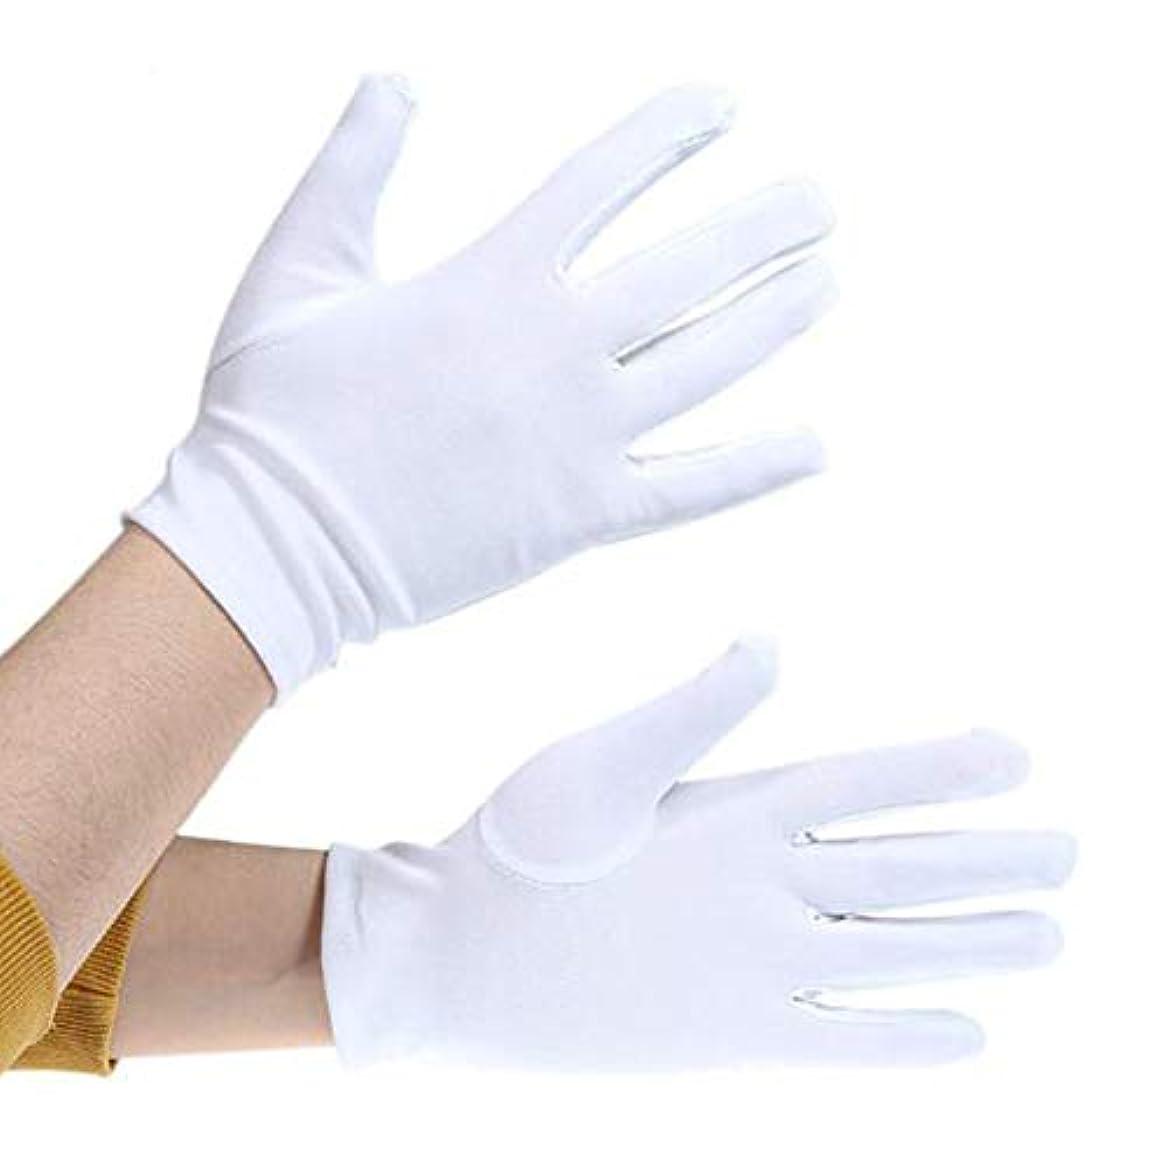 ラフト上意見白手袋薄 礼装用 ジュエリーグローブ時計 貴金属 宝石 接客用 品質管理用 作業用手ぶくろ,保護着用者